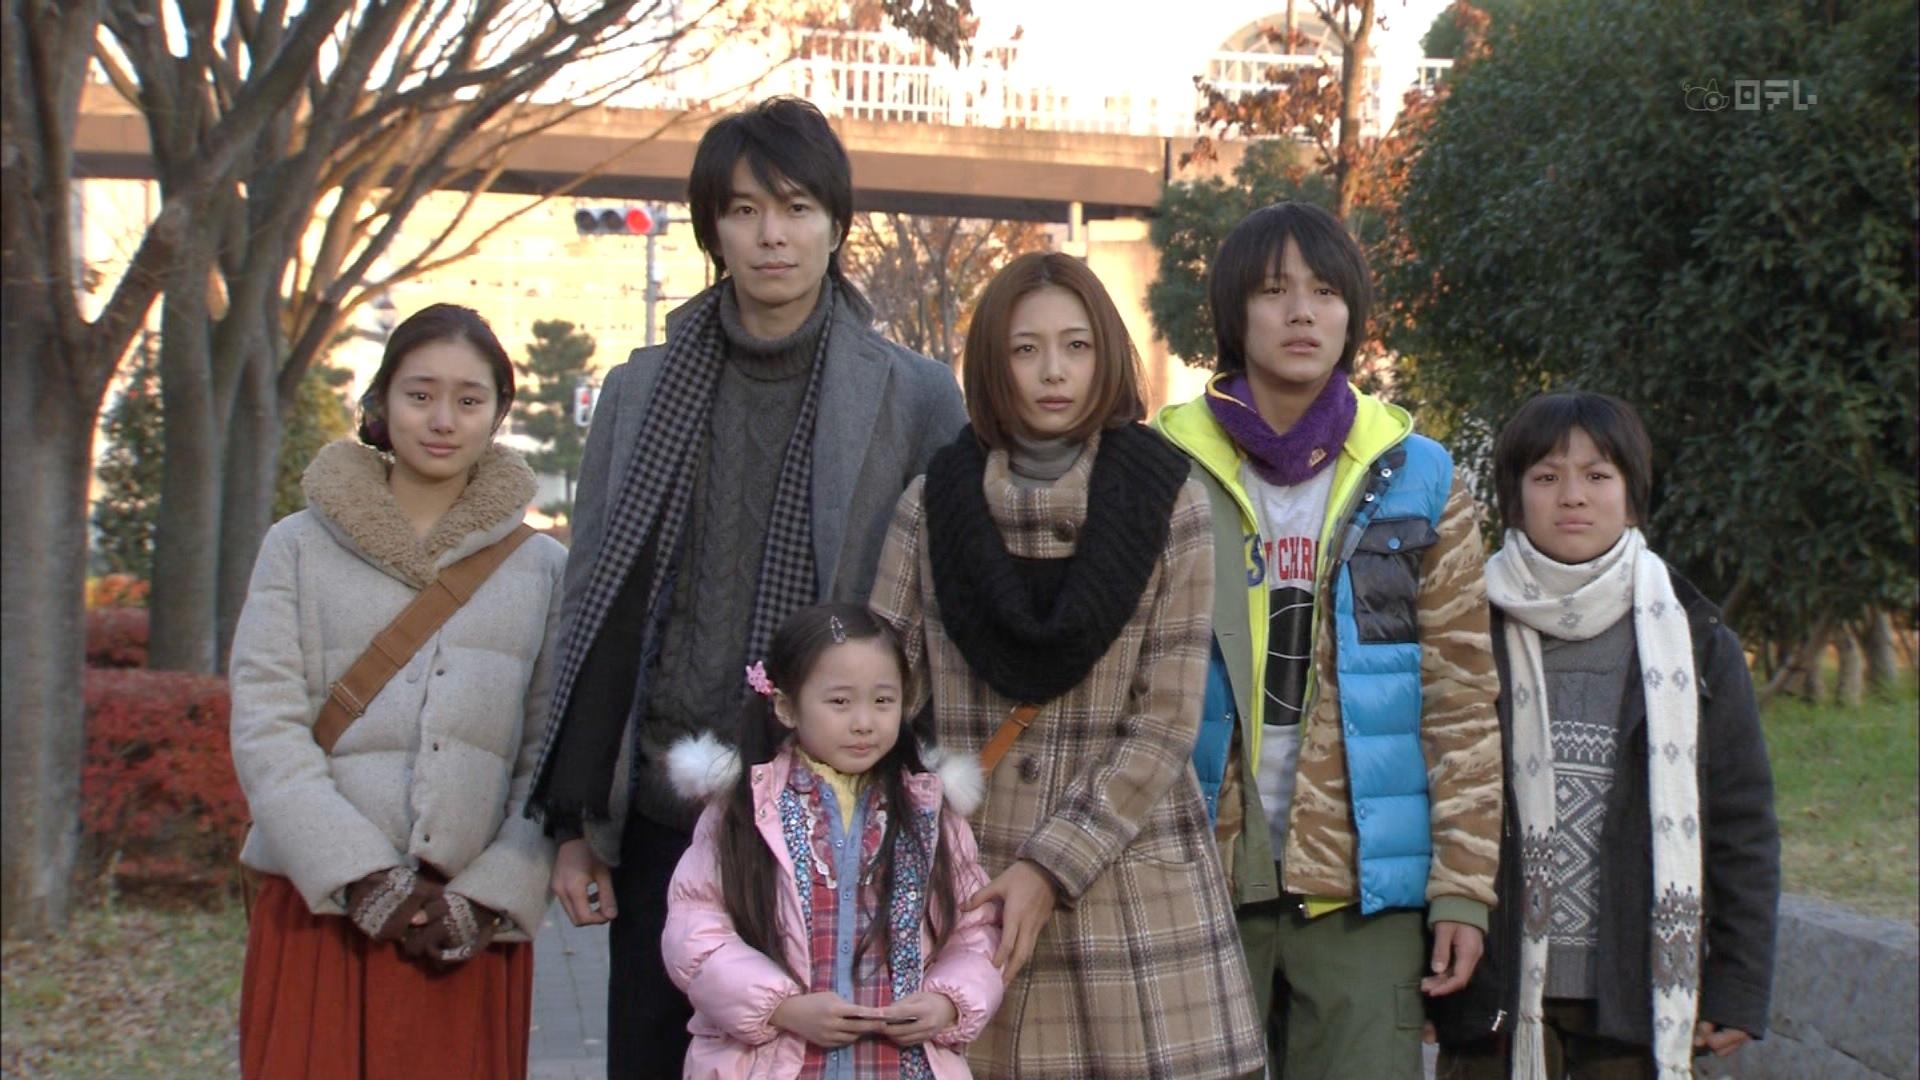 ドラマ『家政婦のミタ』子役キャストの2018年現在の活動は?画像付き!